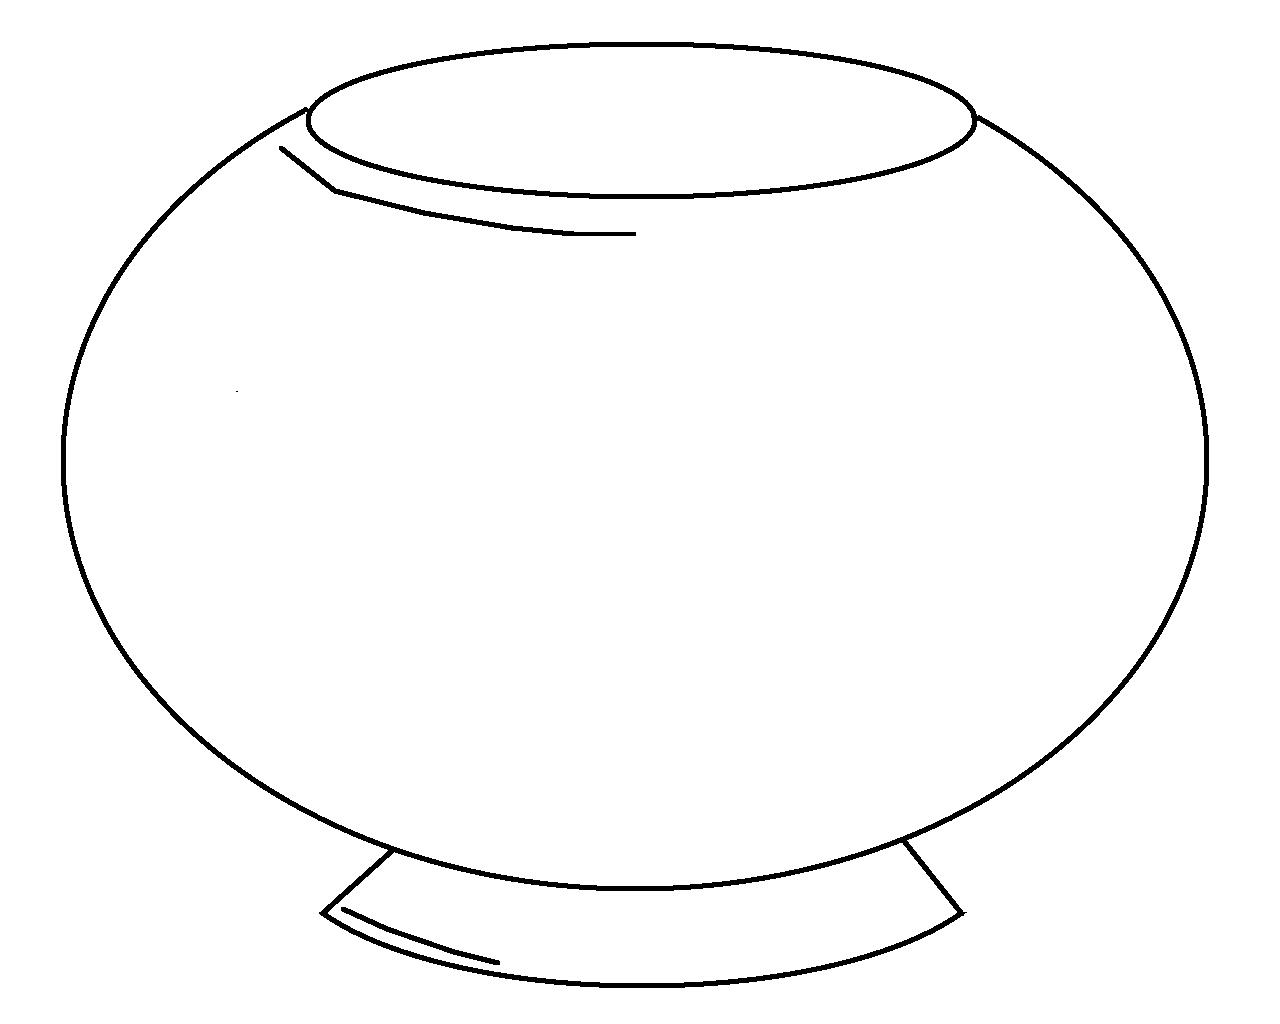 Fish Bowl Coloring Sheet